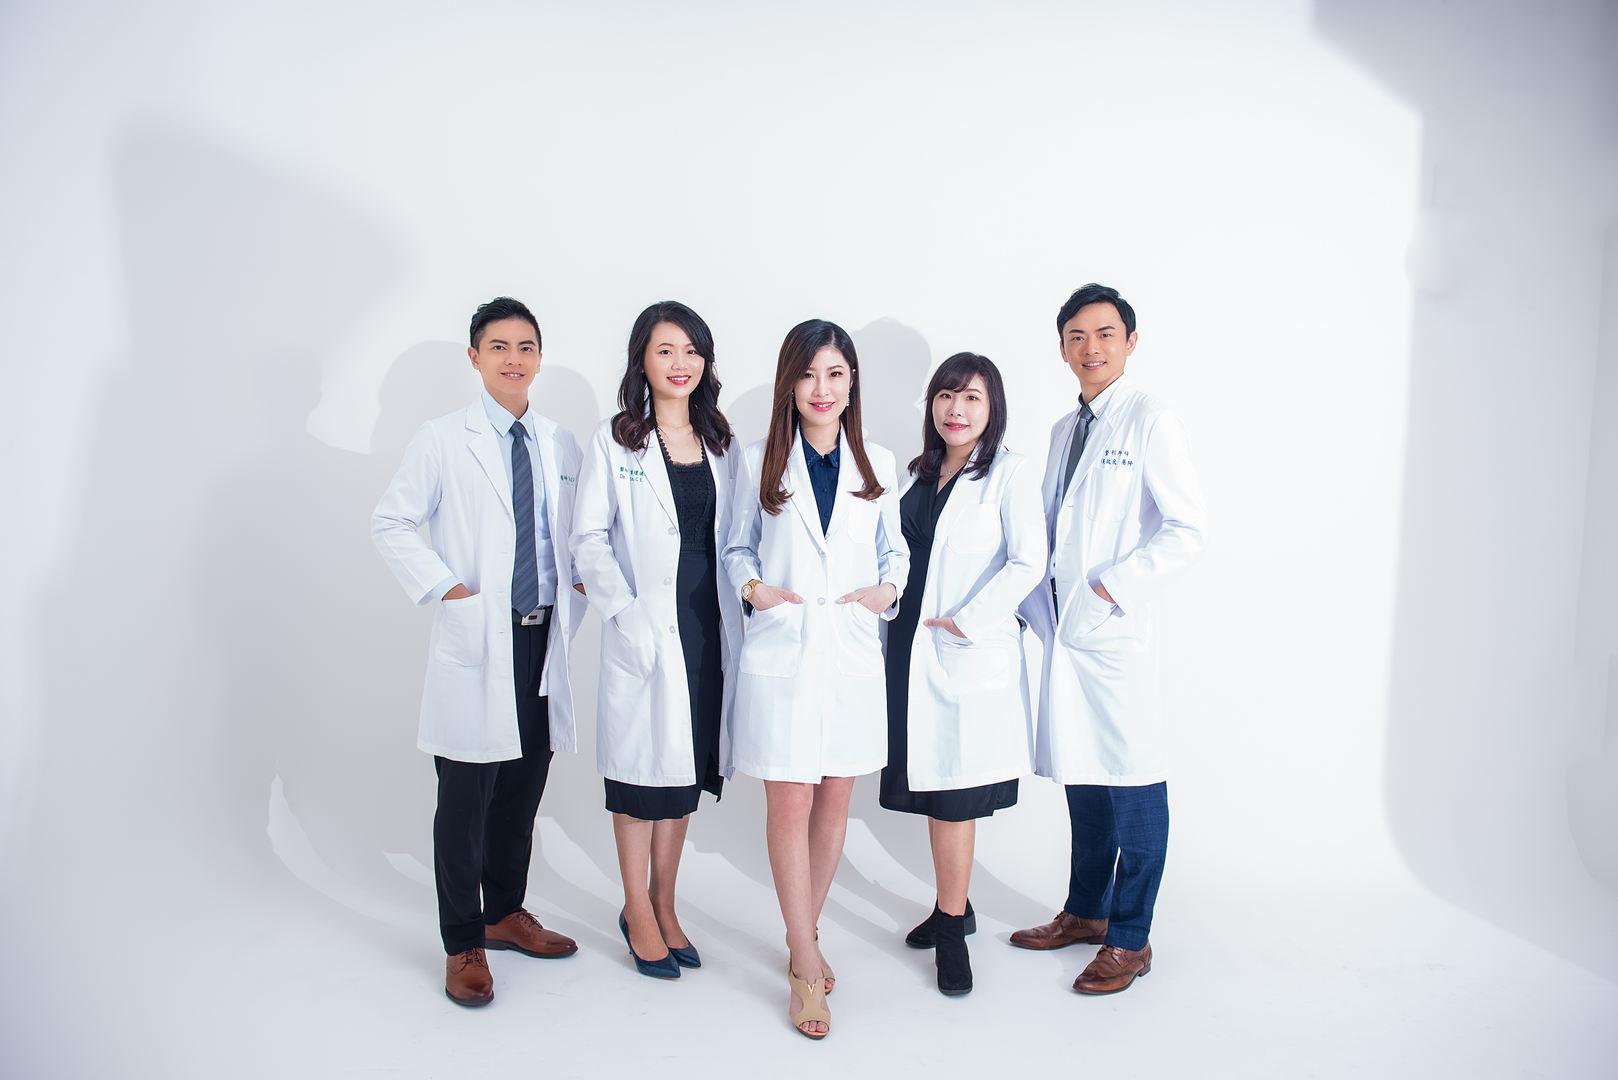 井欣生醫 AQUA C. 花漾皙之醫生團體形象照